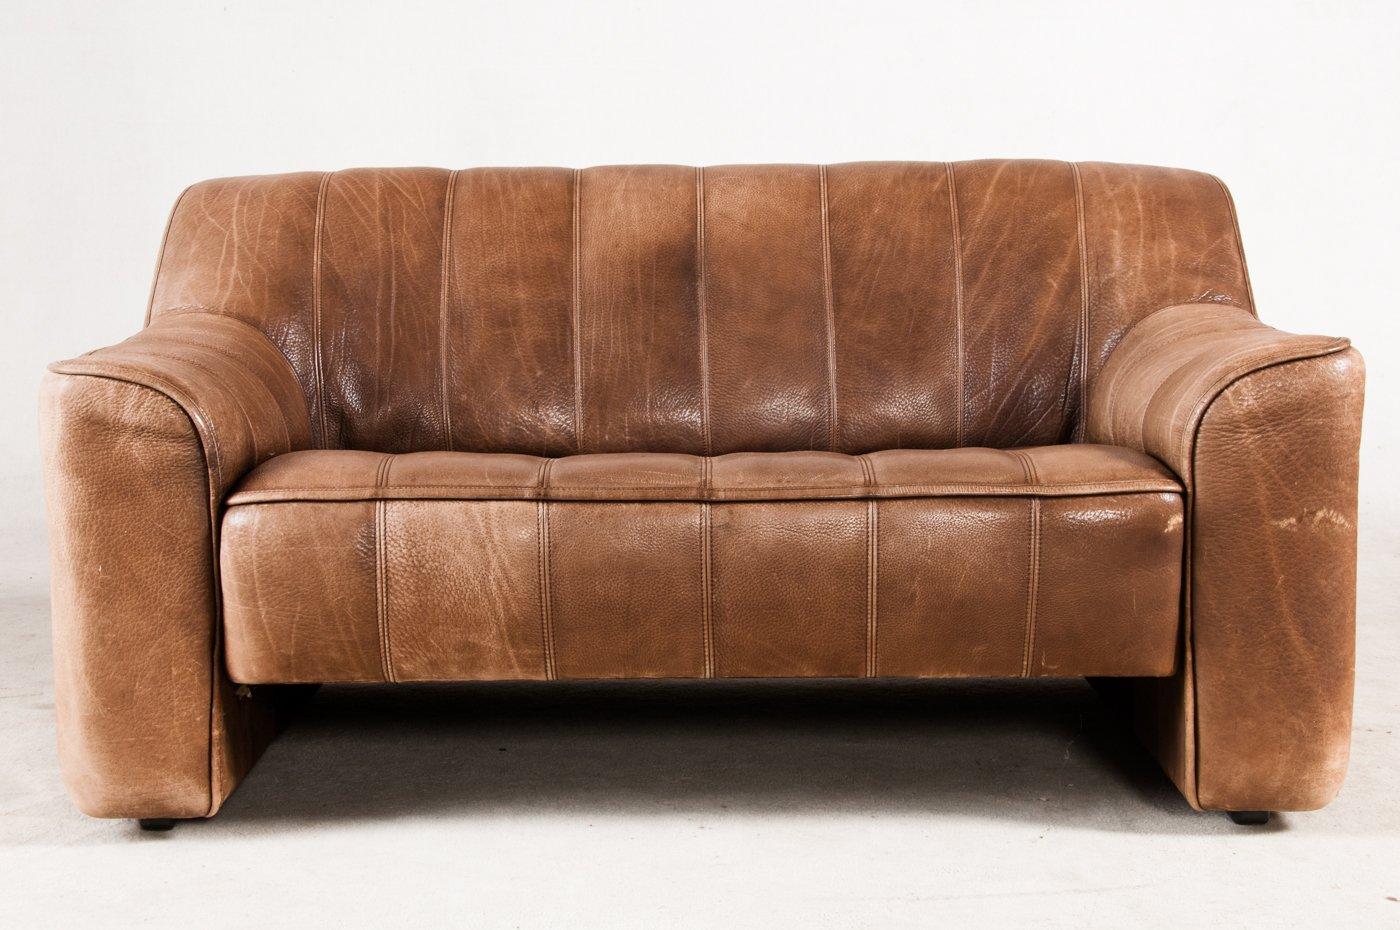 schweizer vintage ledersofa von de sede bei pamono kaufen. Black Bedroom Furniture Sets. Home Design Ideas